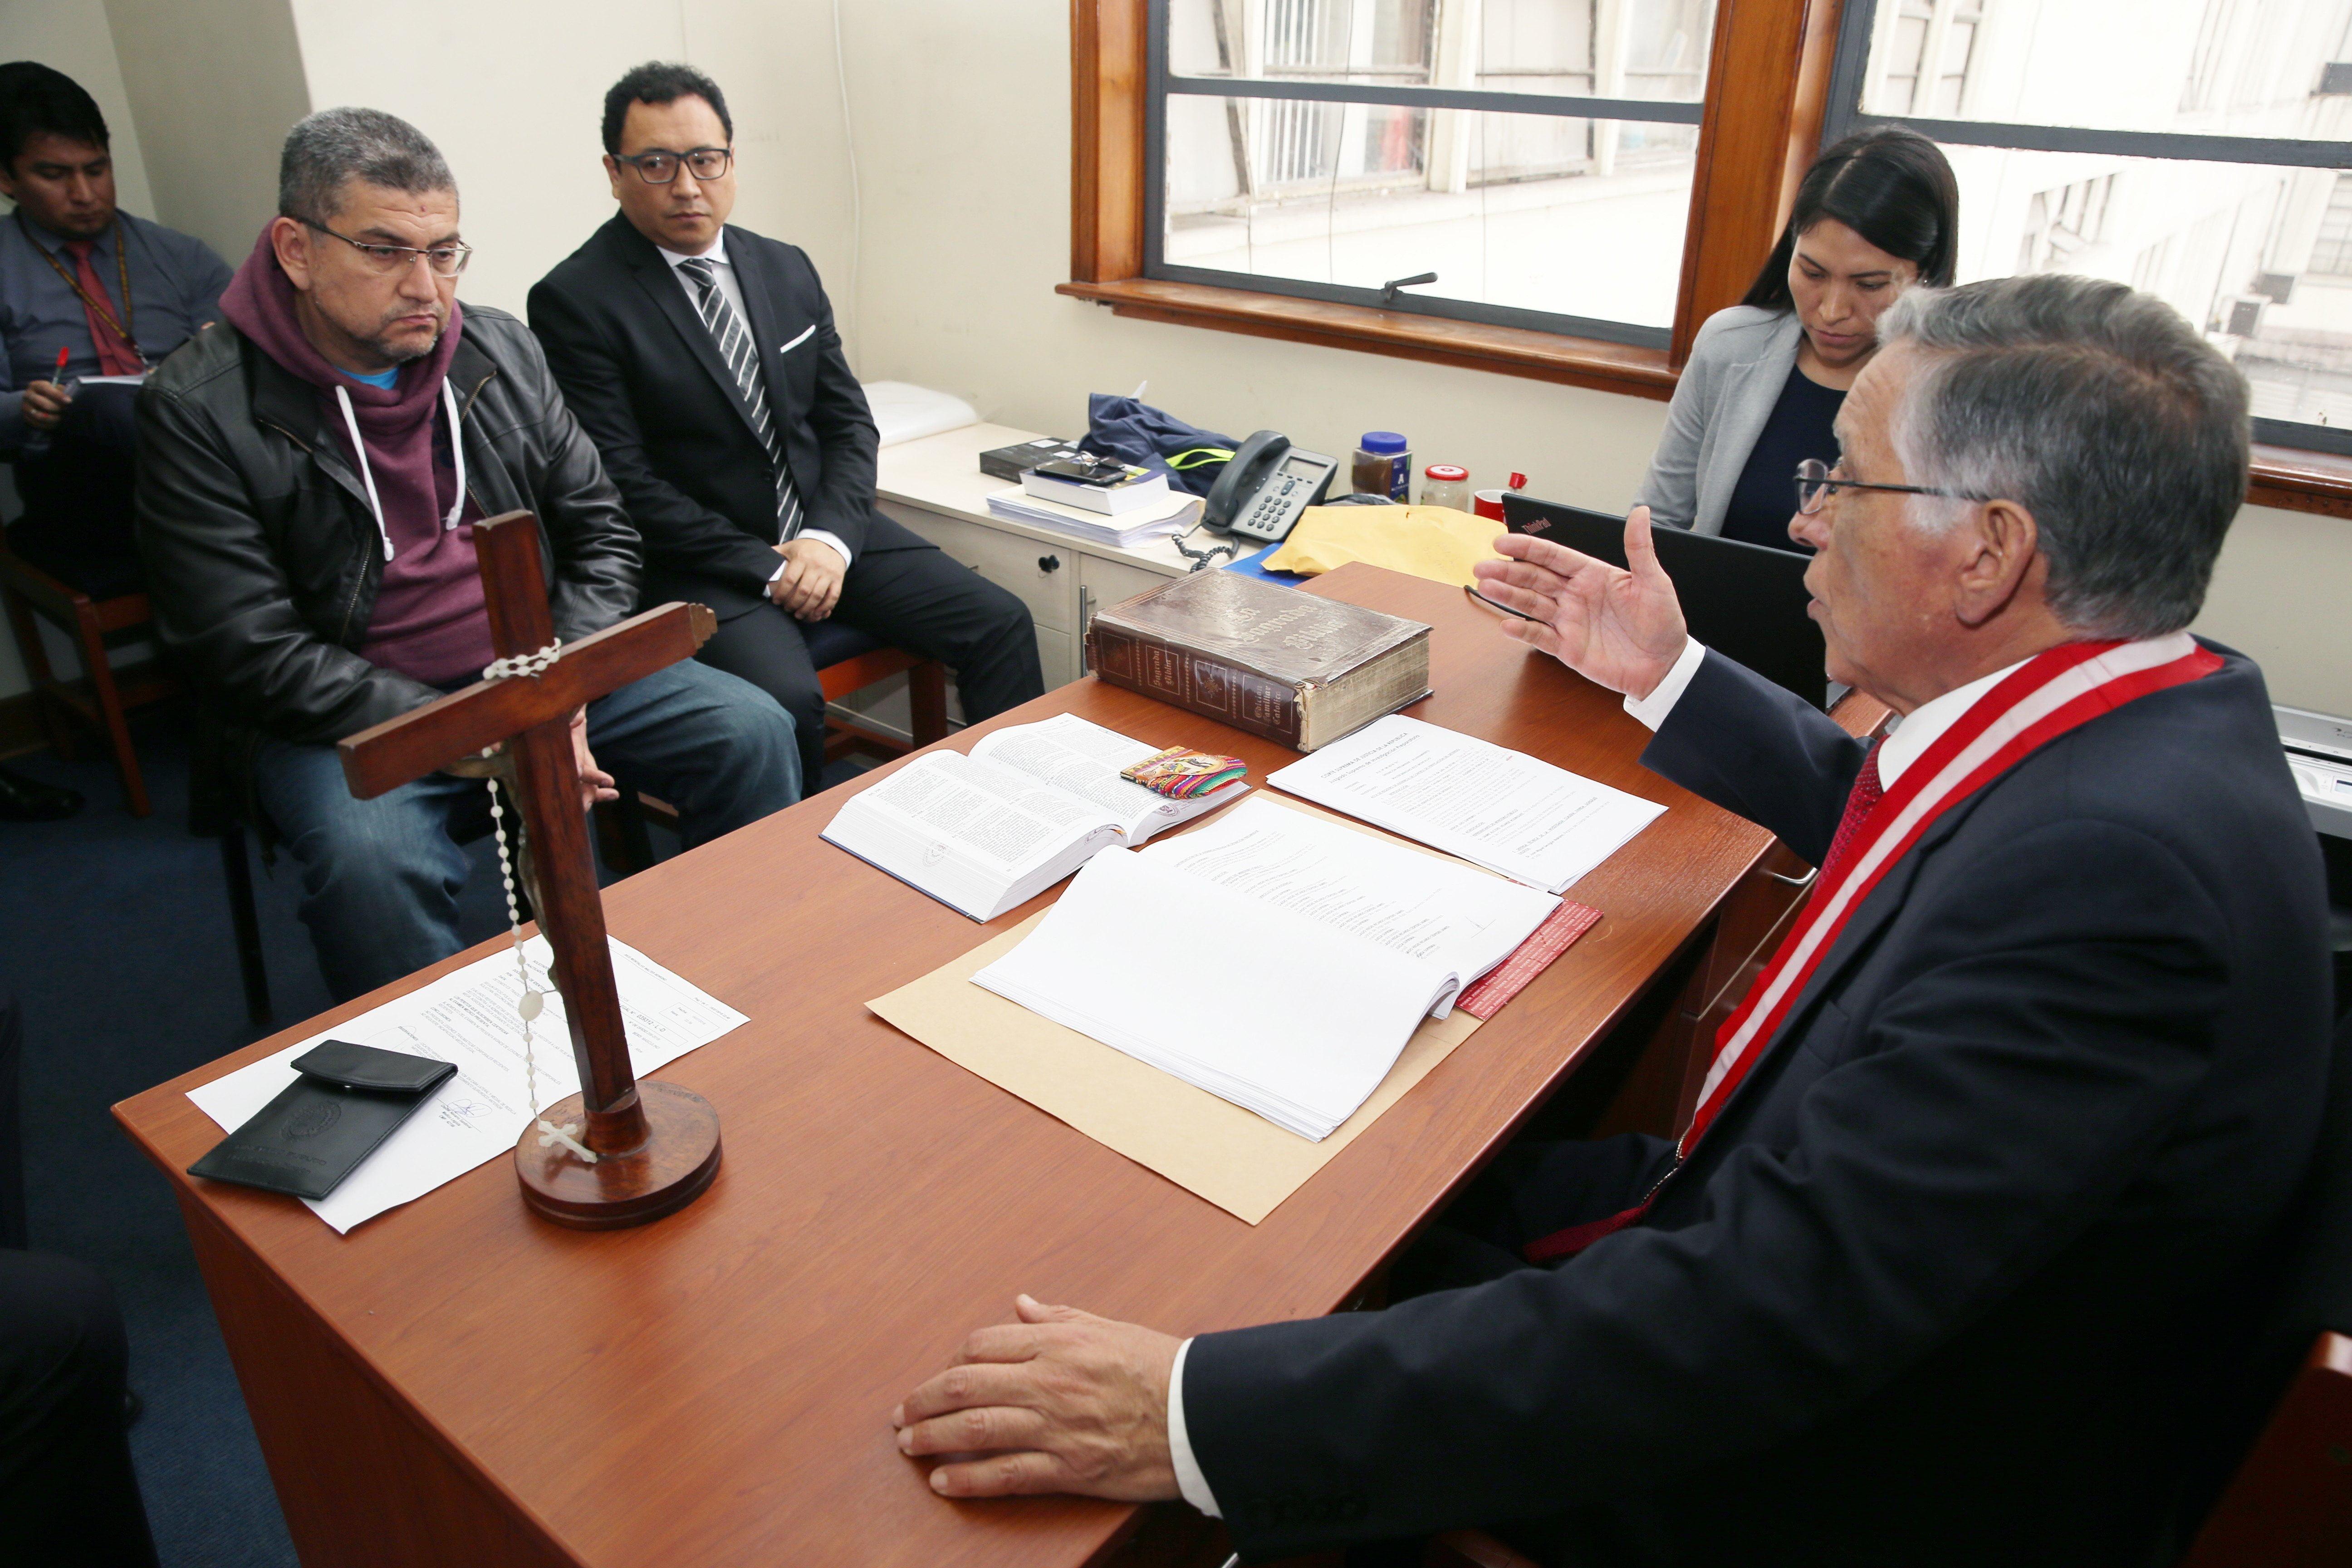 PJ realizó diligencia de control de identidad de detenido Walter Ríos